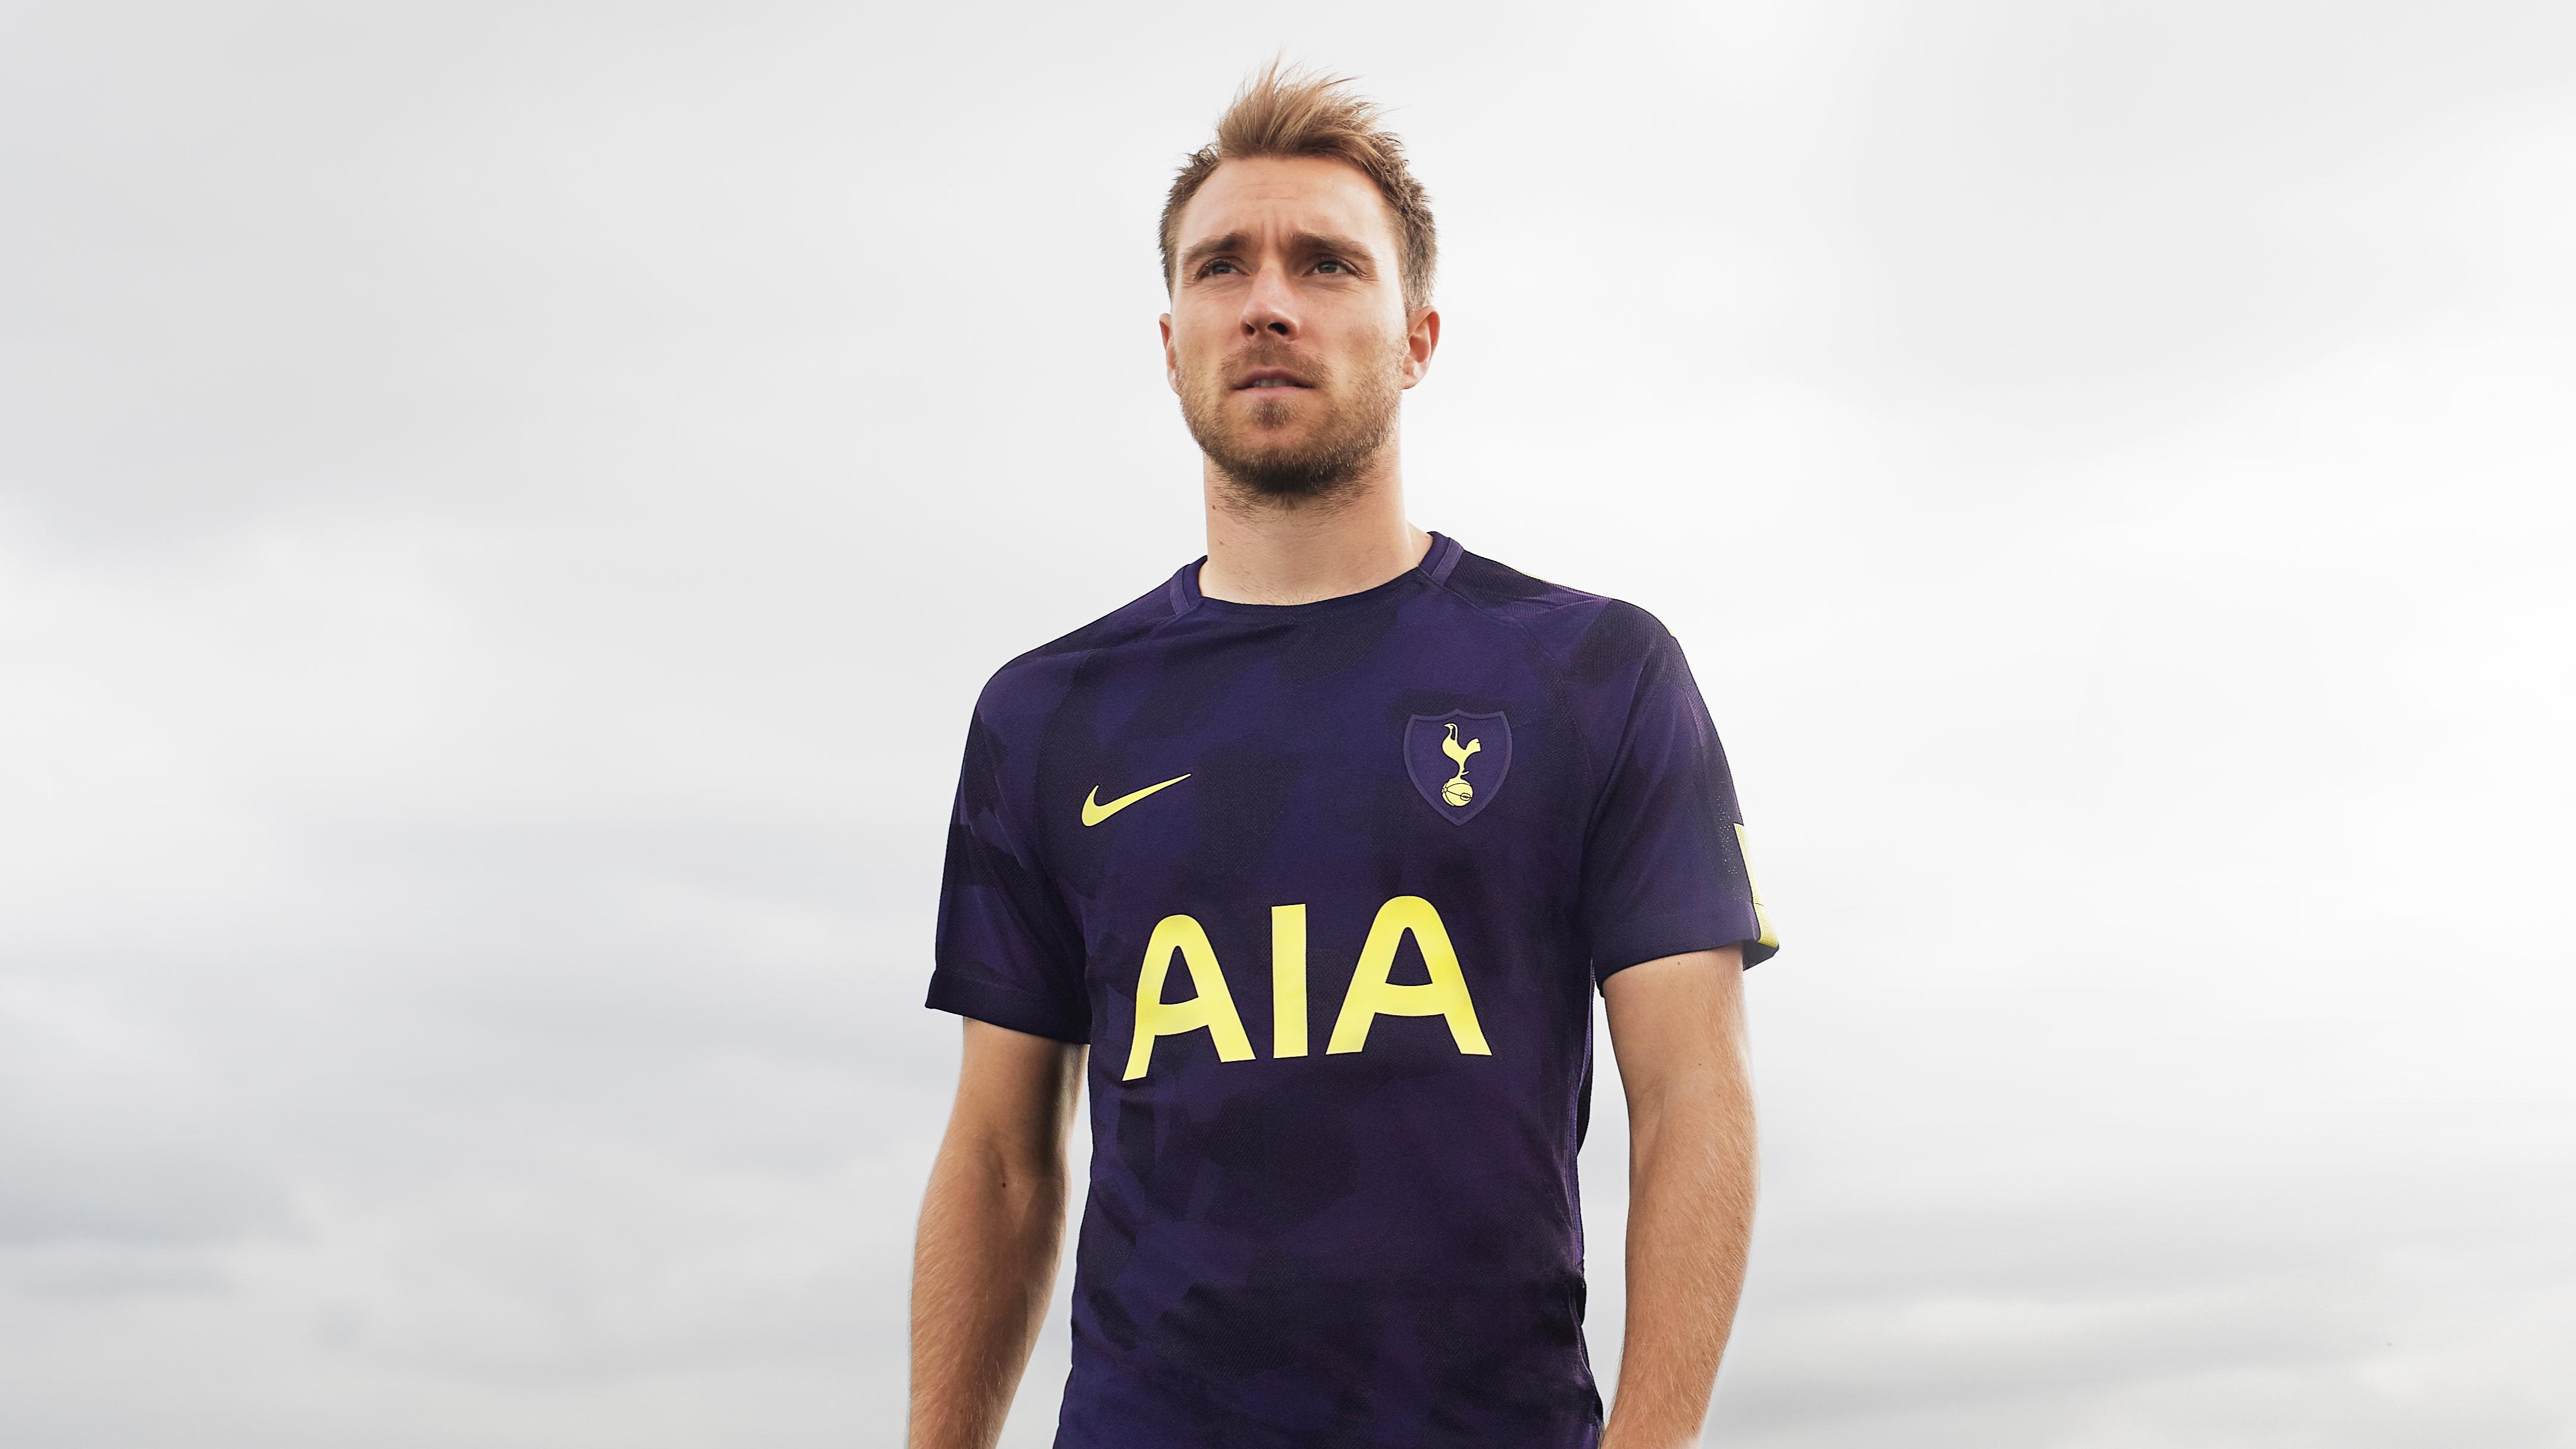 LO · HI. Tottenham Hotspur 2017-18 Third Kit